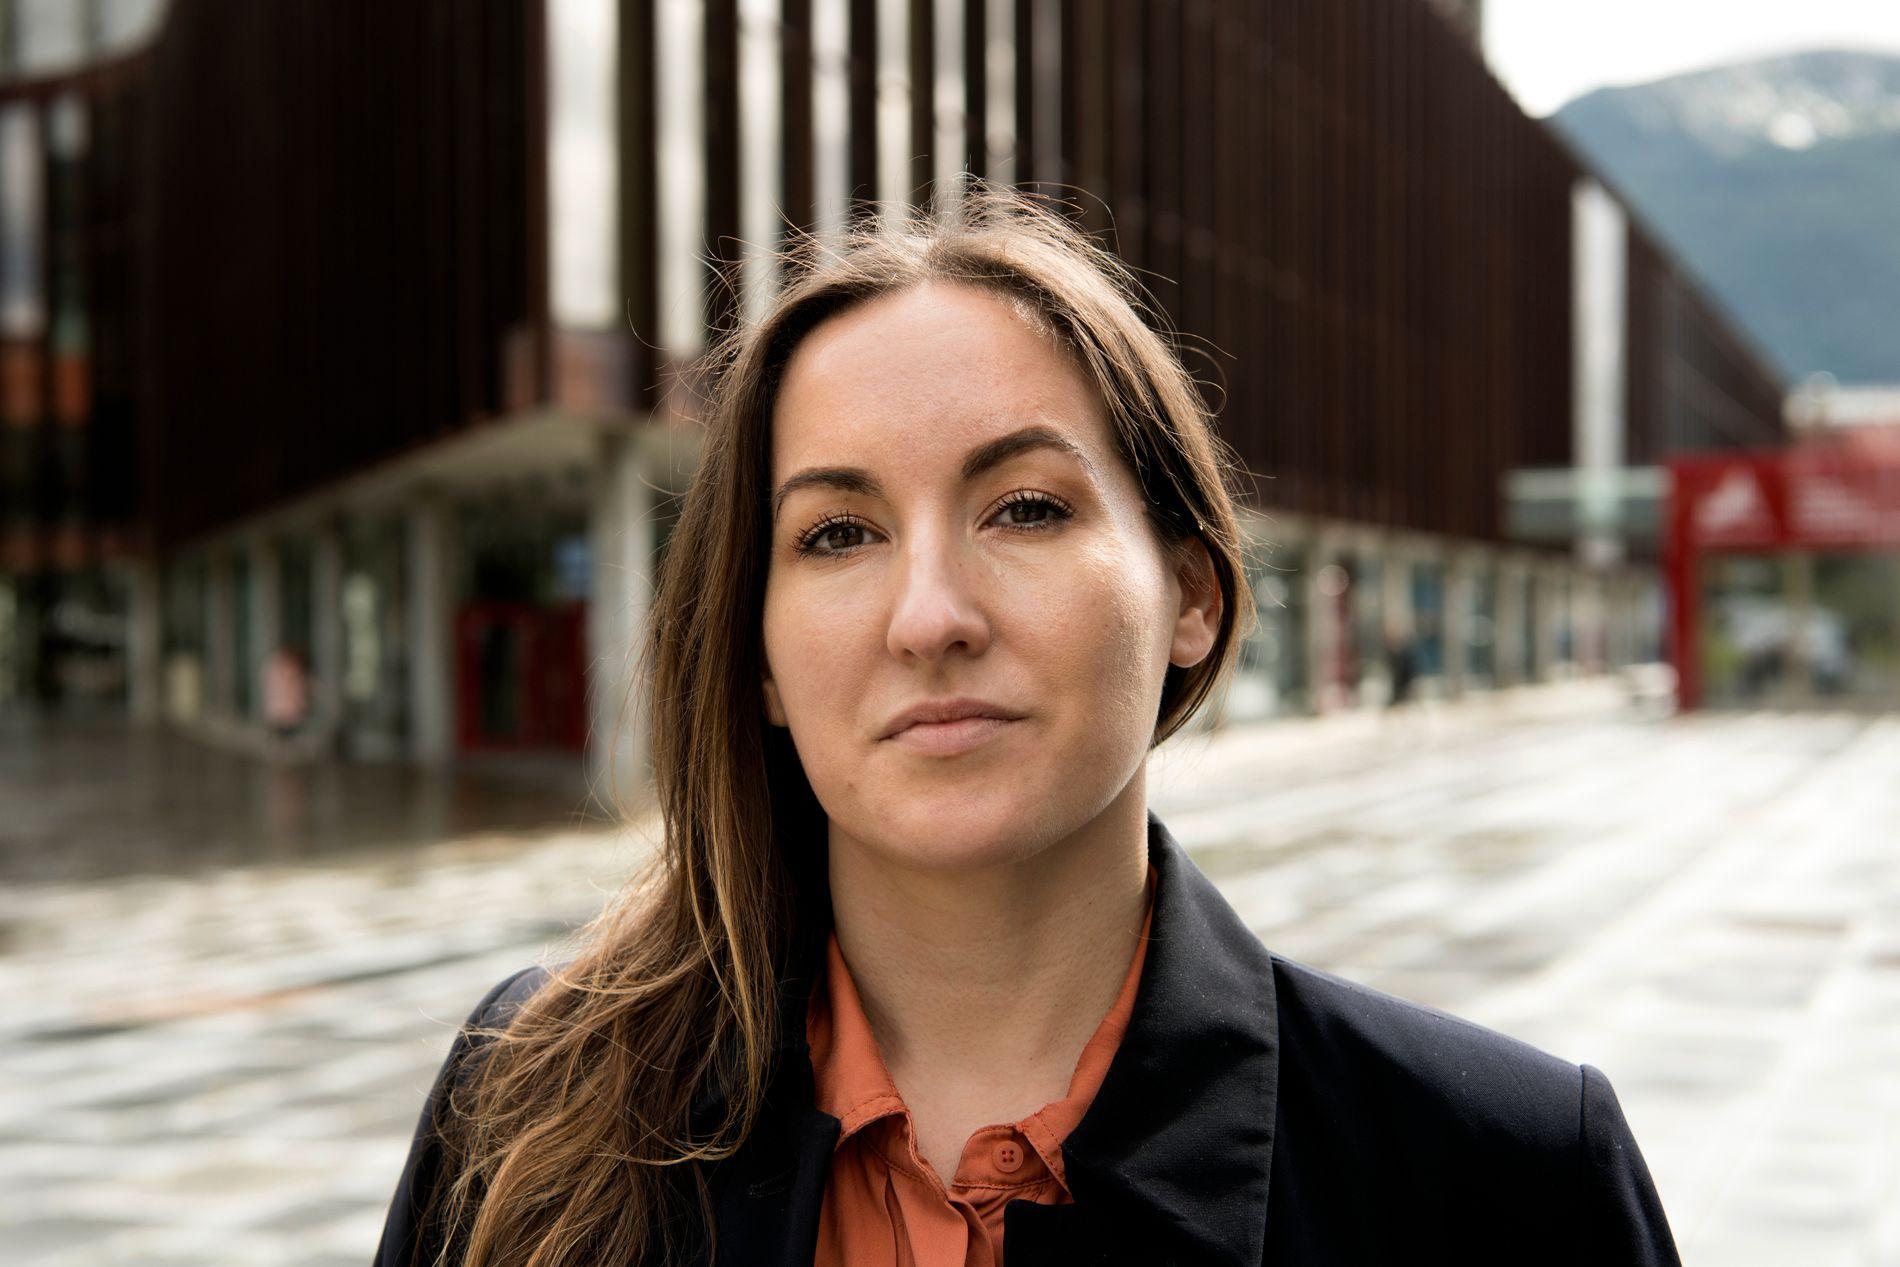 PANELDELTAKER: Eva Oulie Alvarez, arkitekt og leder av Bergen Arkitektforening.